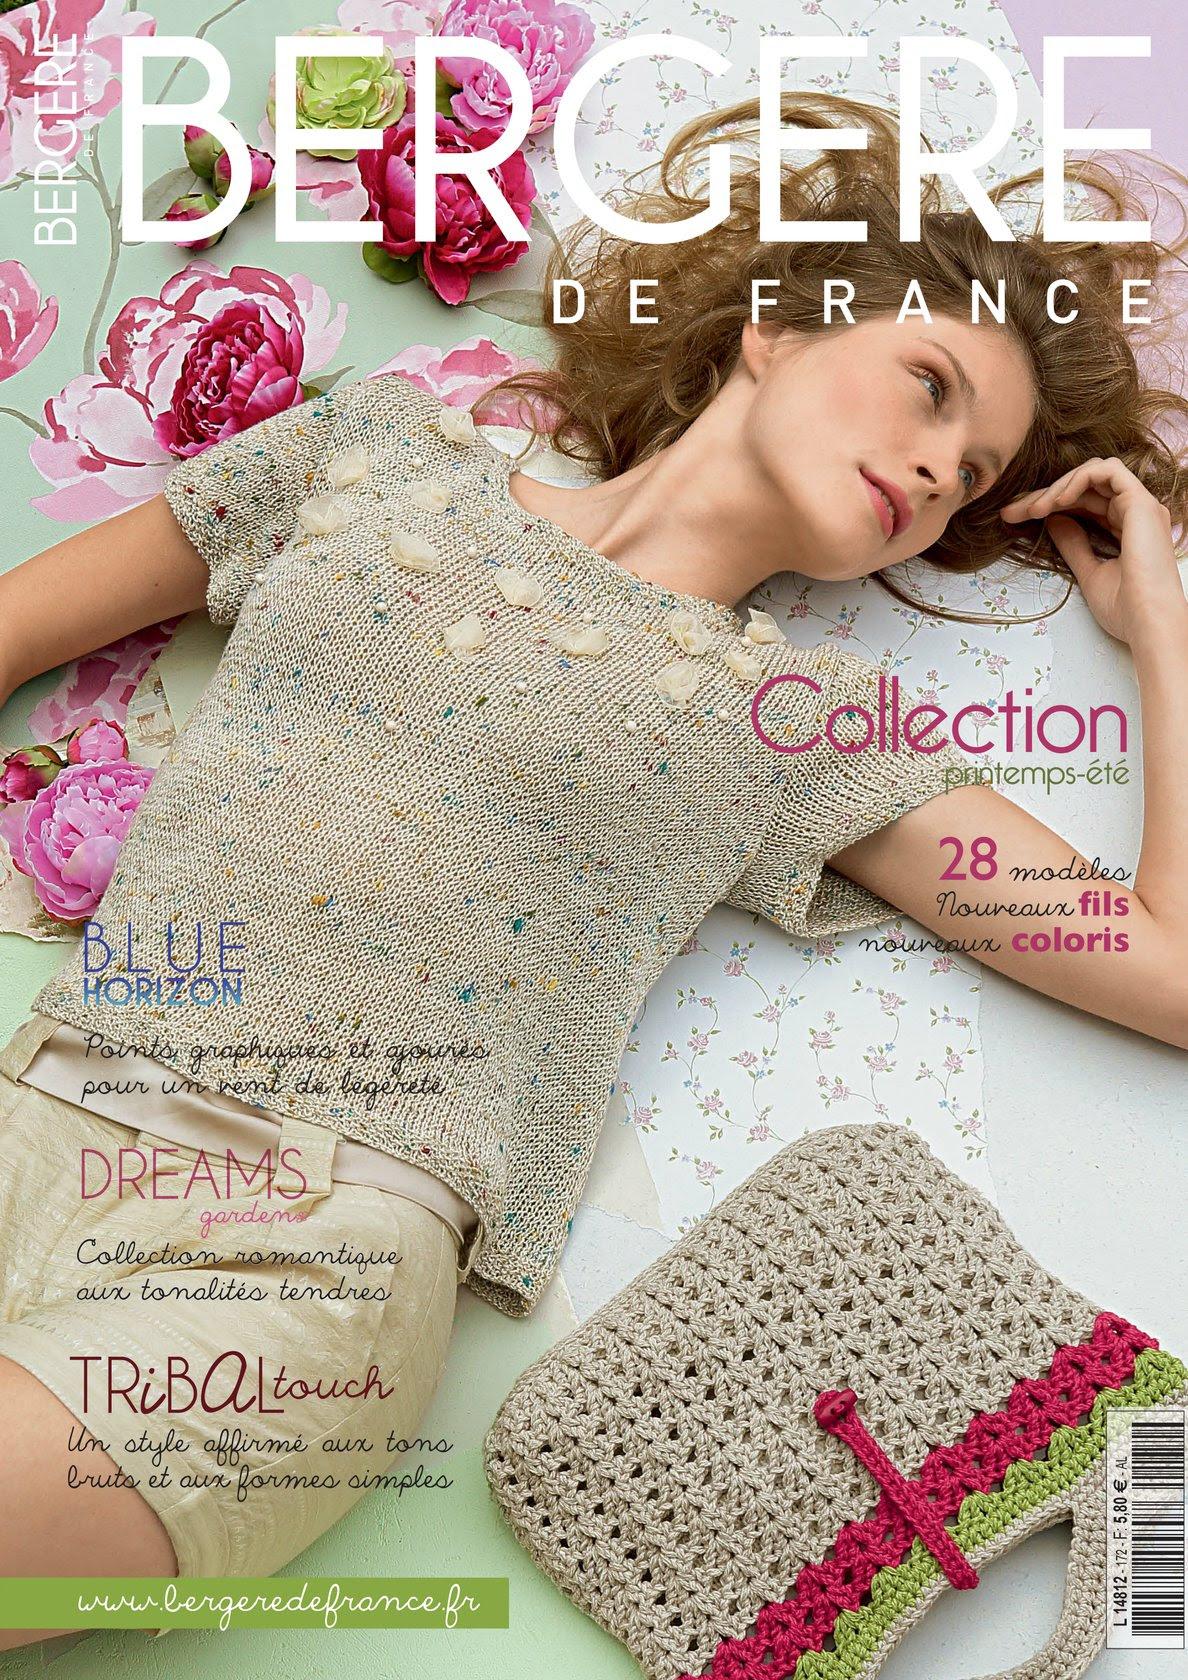 catalogue 172 bergère de france